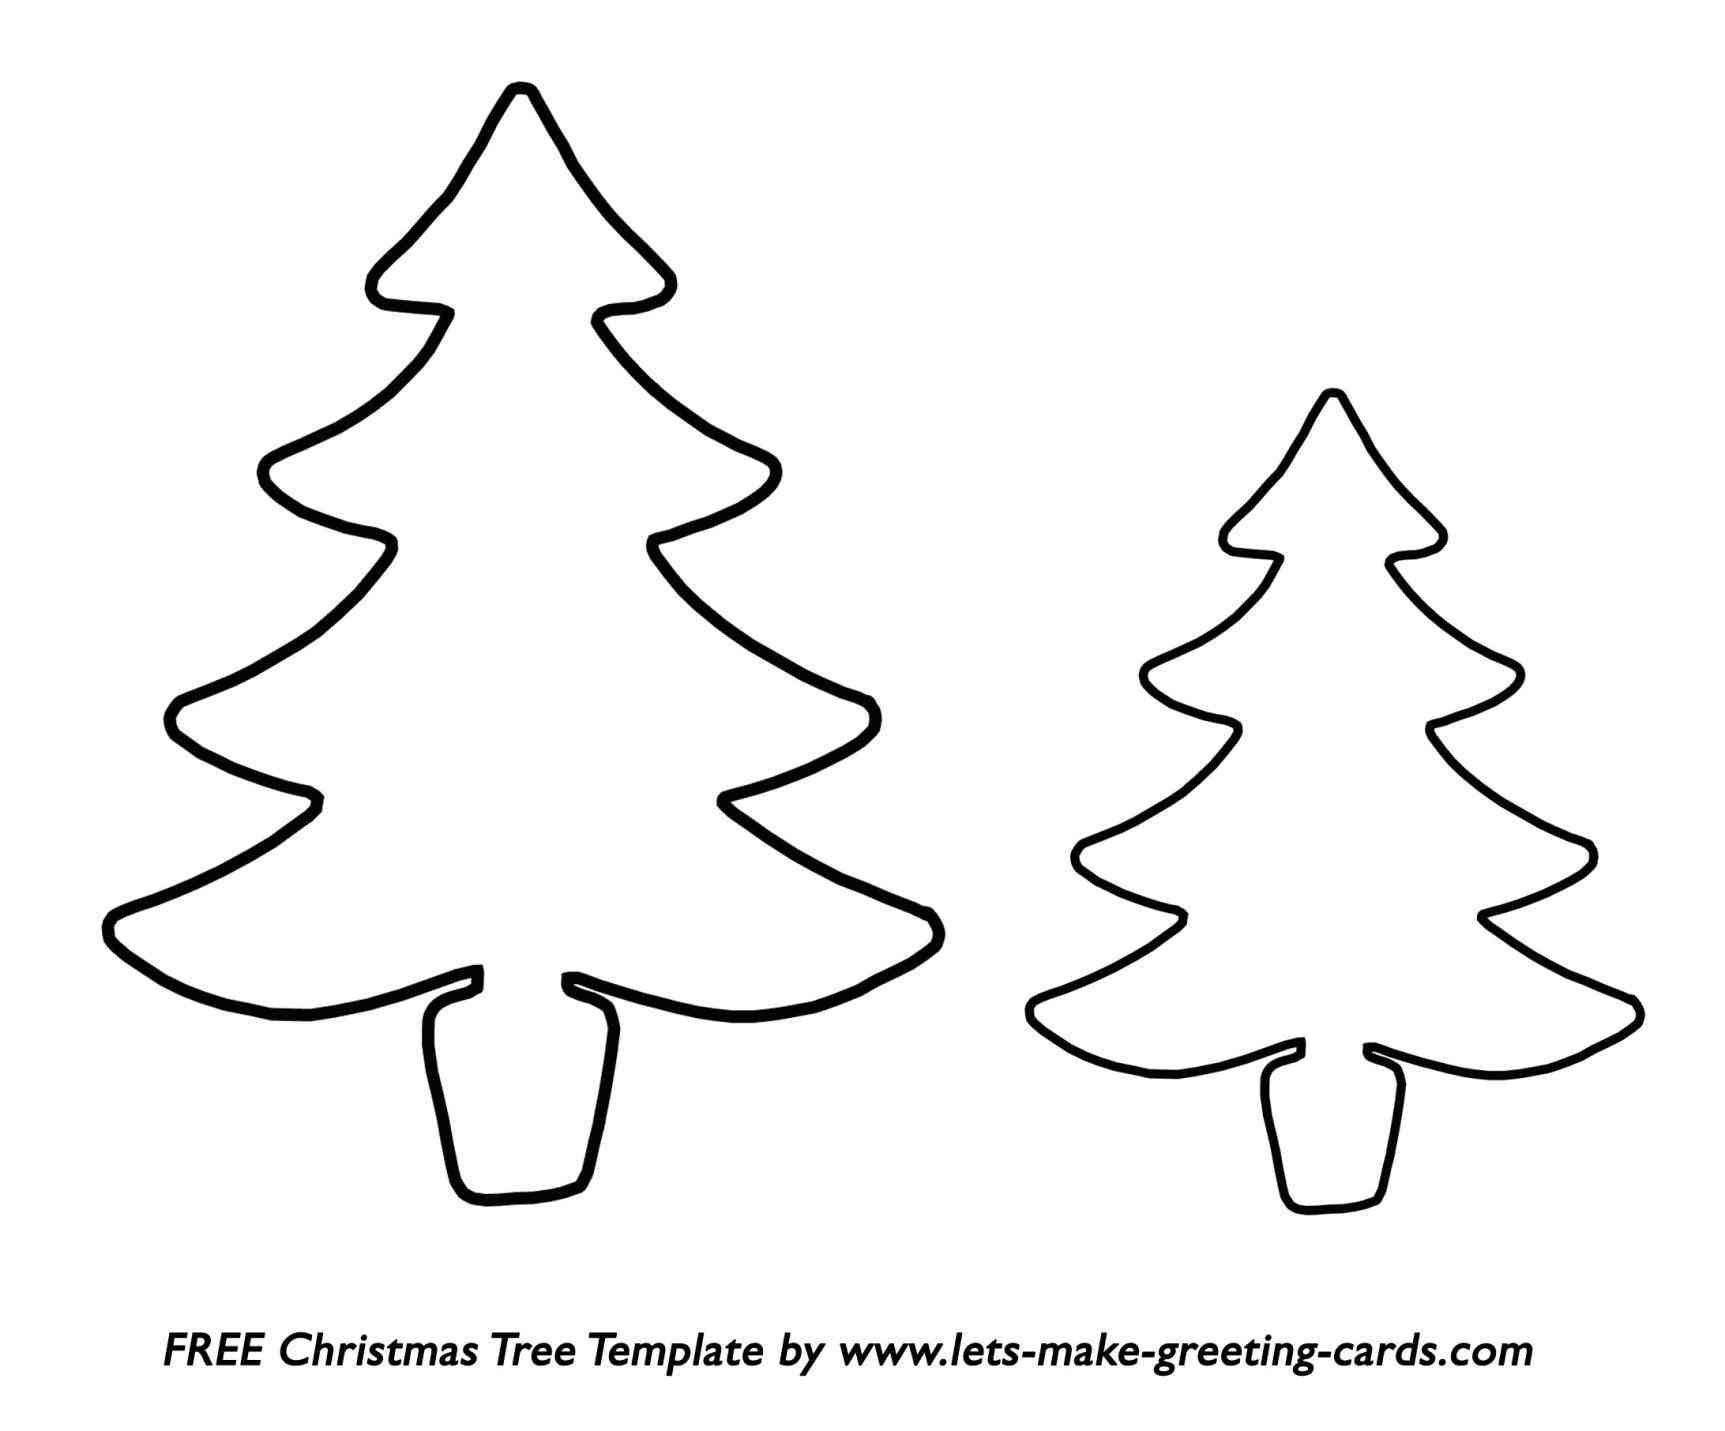 Christmas tree drawing outline - Christmas Tree Drawing Outline Ngorong Club